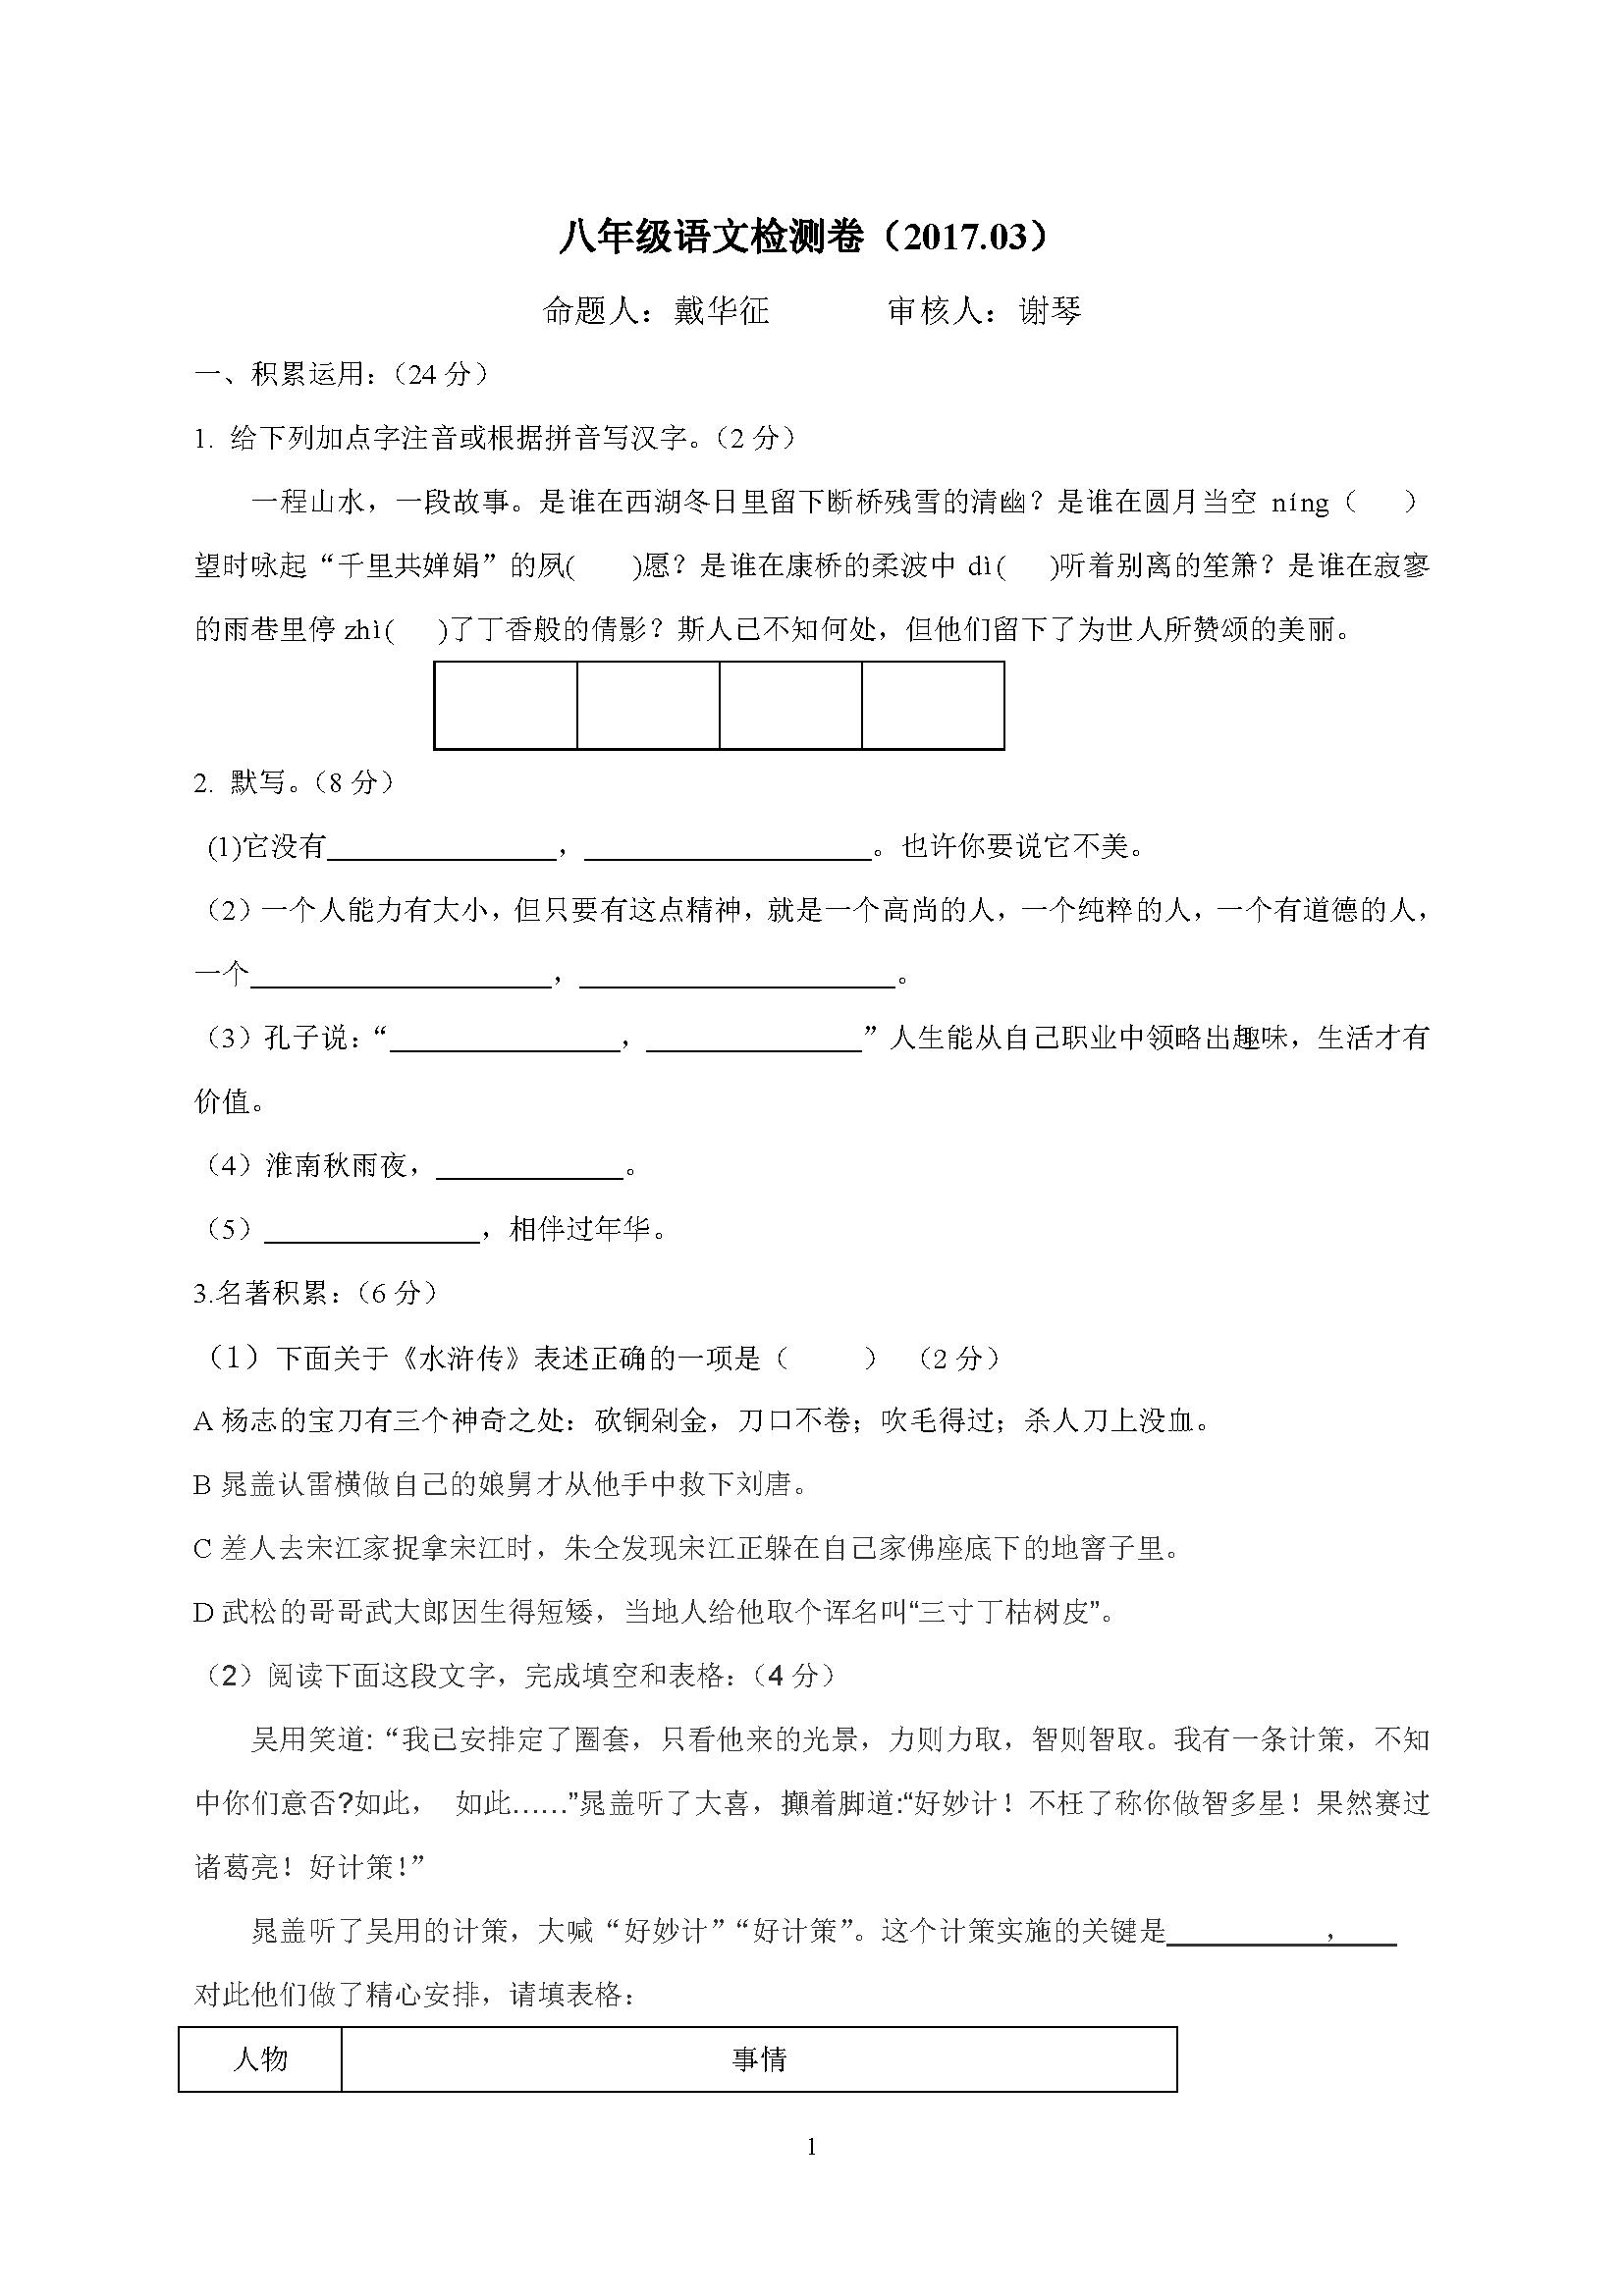 江苏镇江丹阳2016-2017学年八年级3月月考语文试题(图片版)